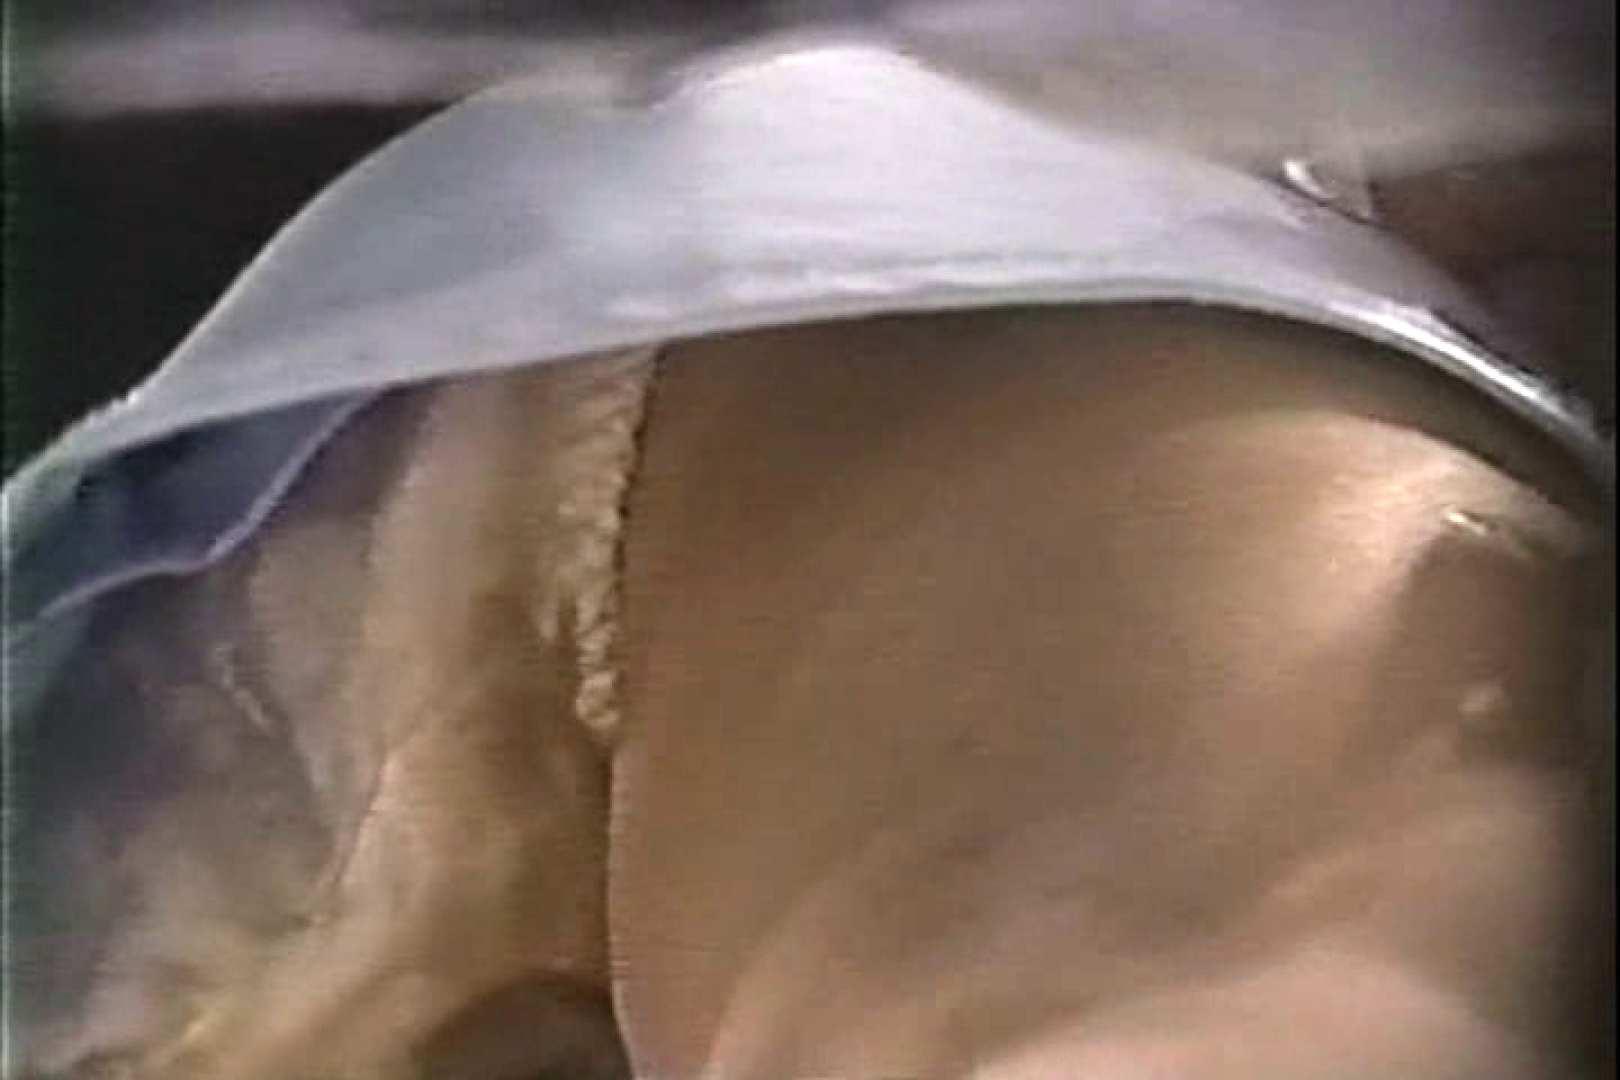 「ちくりん」さんのオリジナル未編集パンチラVol.4_02 エロティックなOL 濡れ場動画紹介 107画像 42